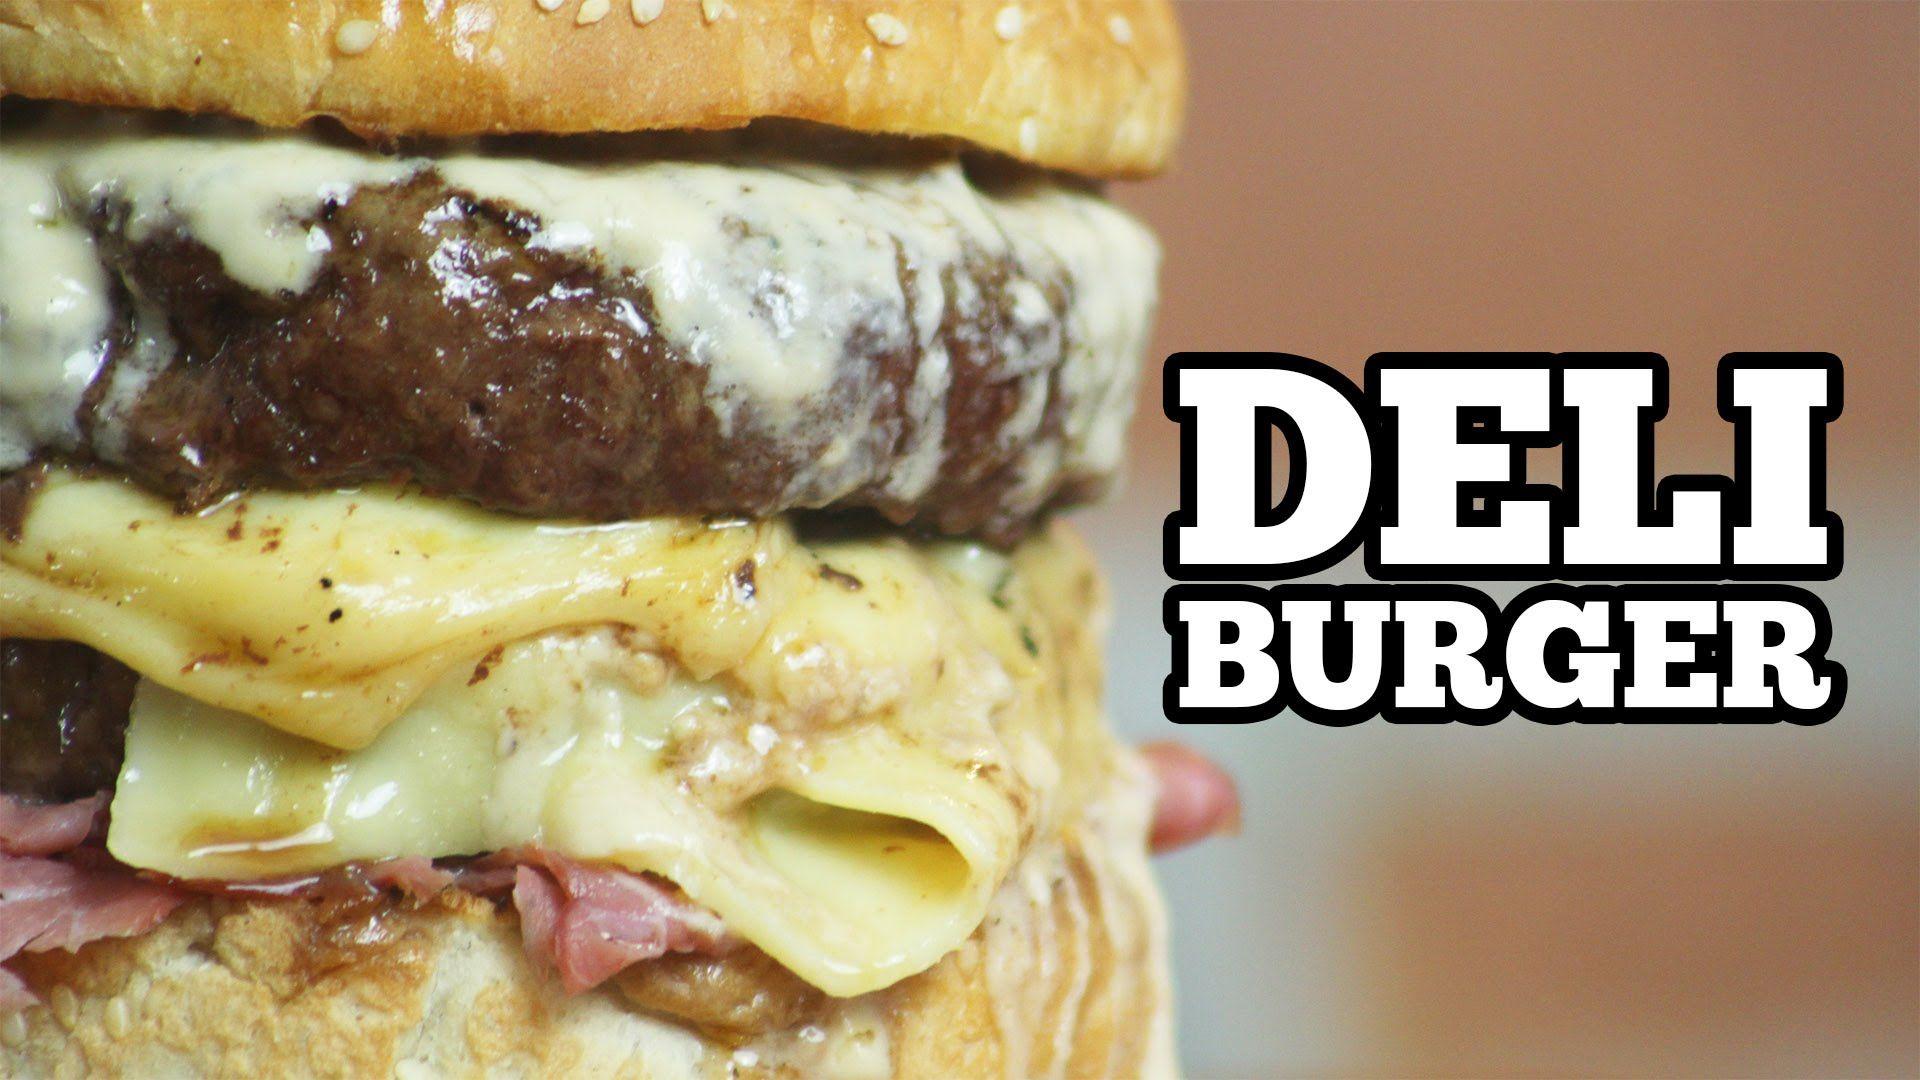 Boost Burger Sanduba Insano Comidas E Bebidas Pinterest  ~ Namorado Que Cozinha Agrega